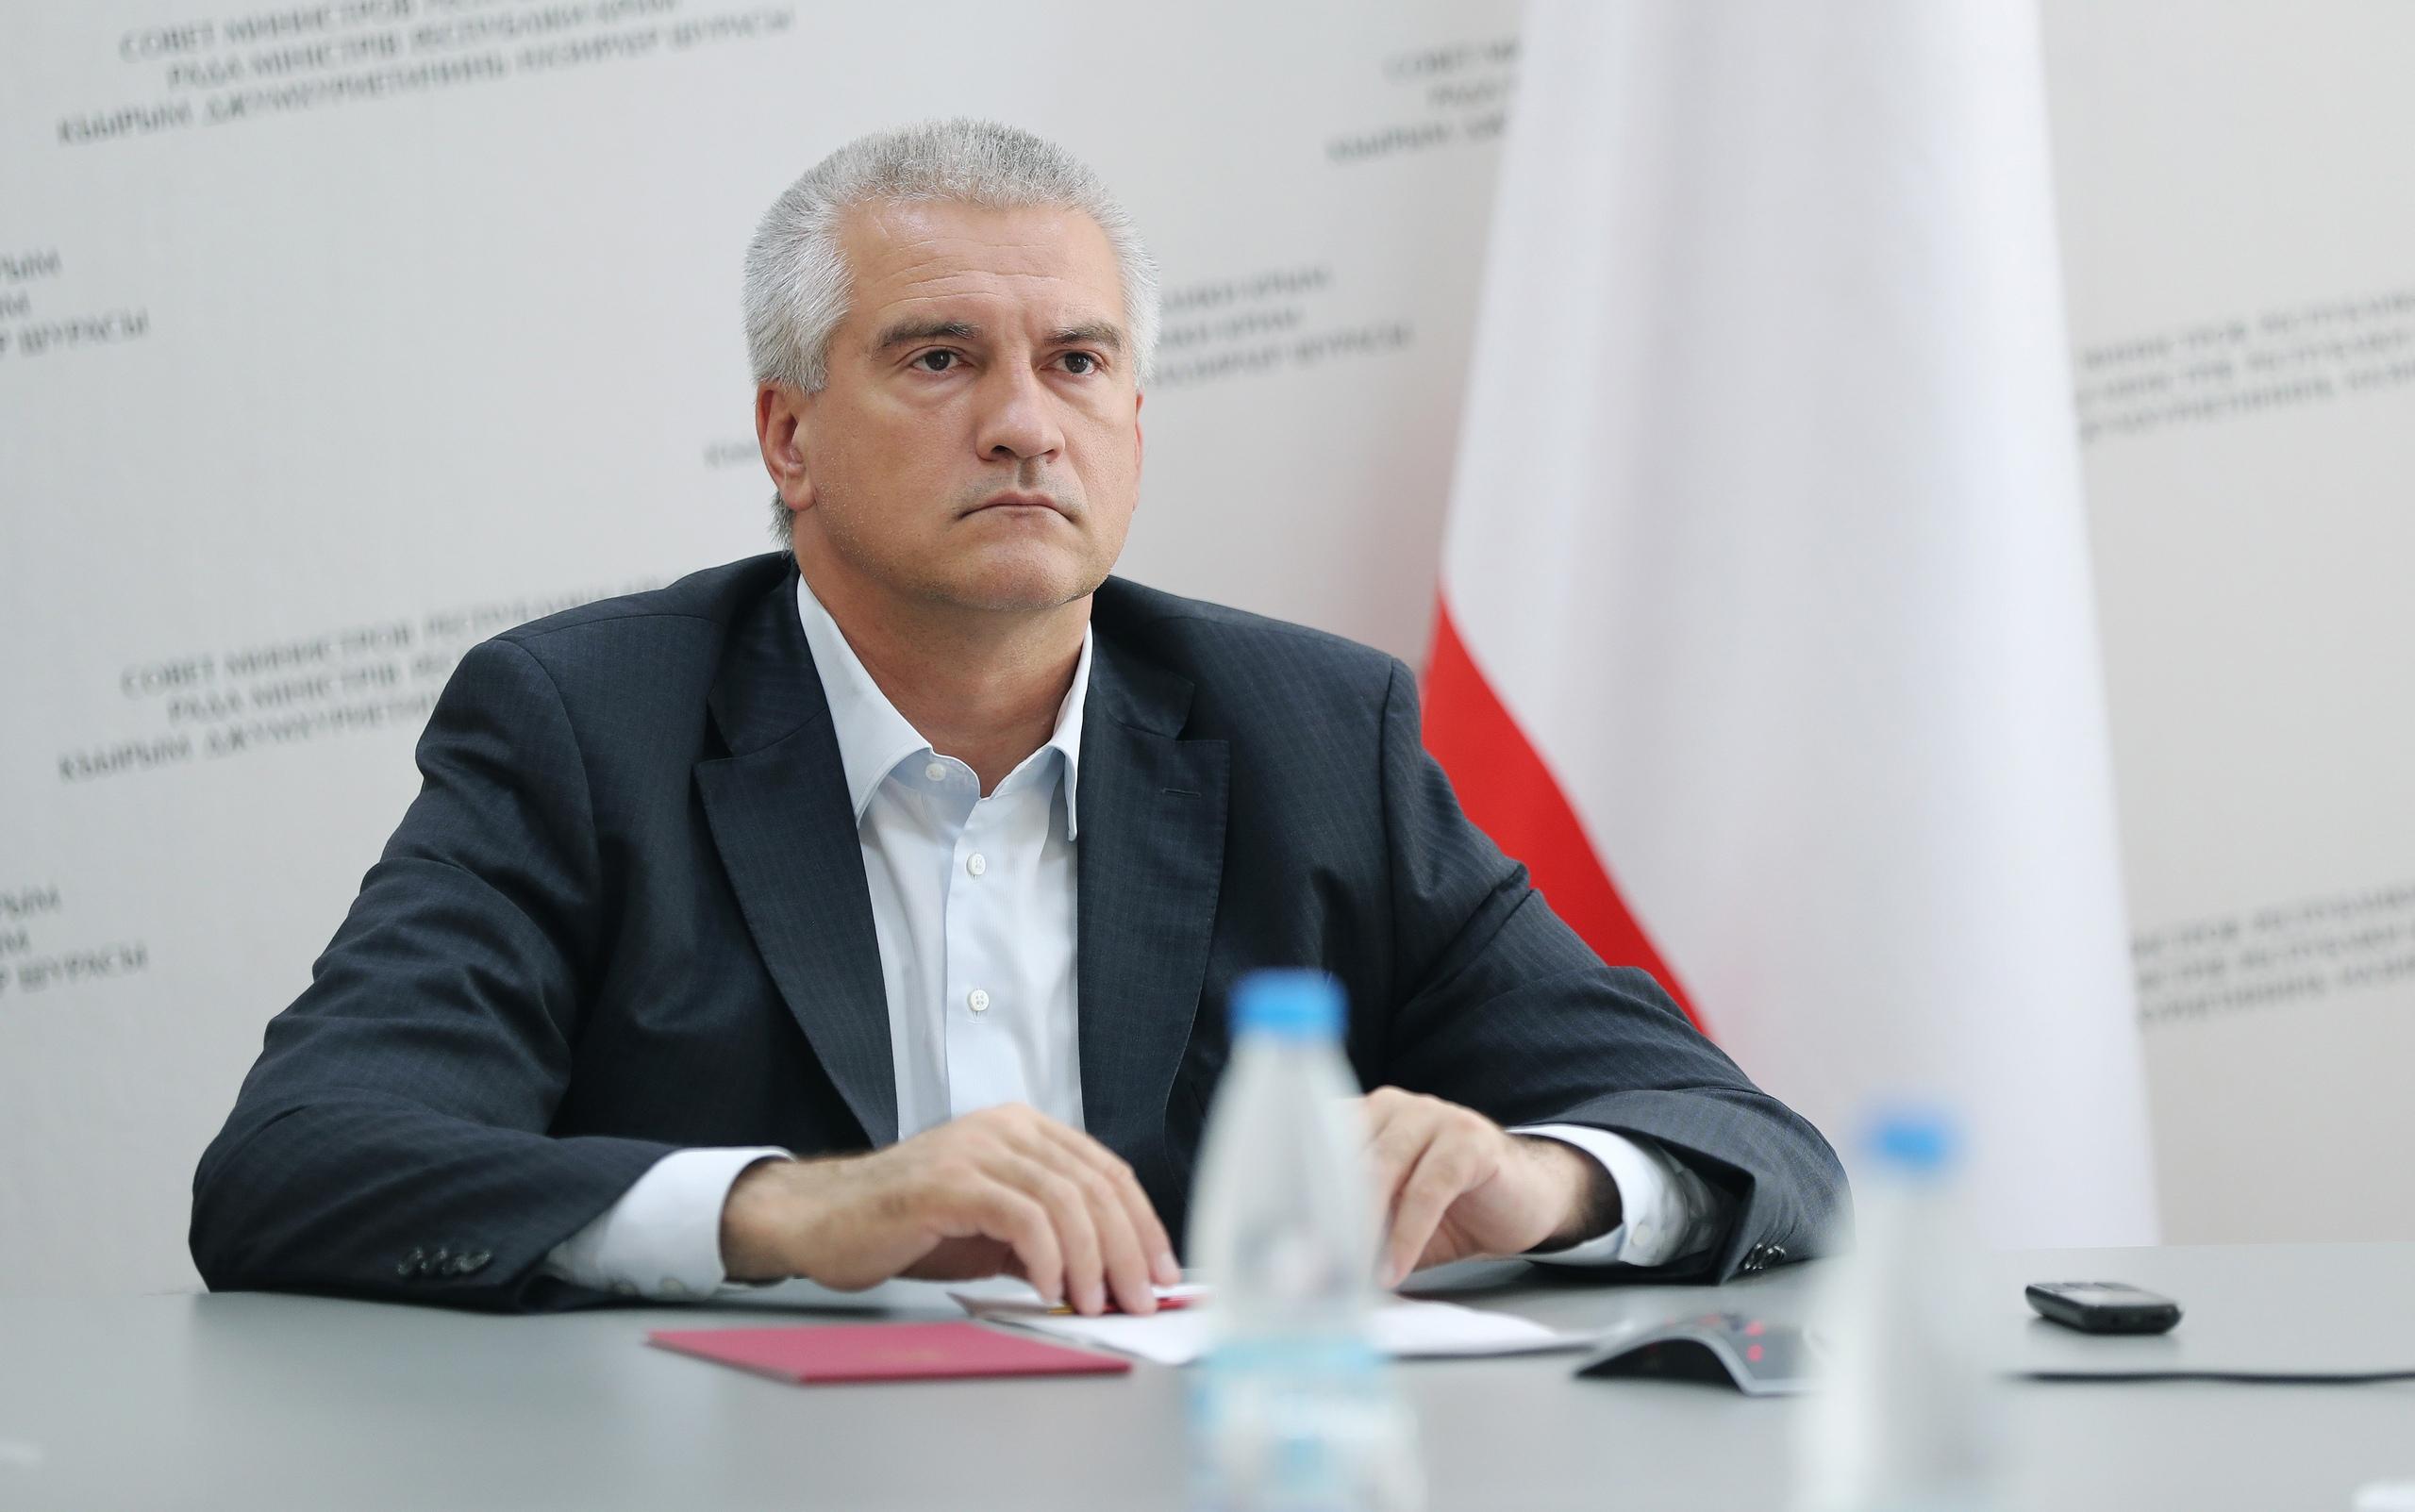 Аксёнов рассказал, что лично помогает жителям Крыма, которые обращаются к нему напрямую